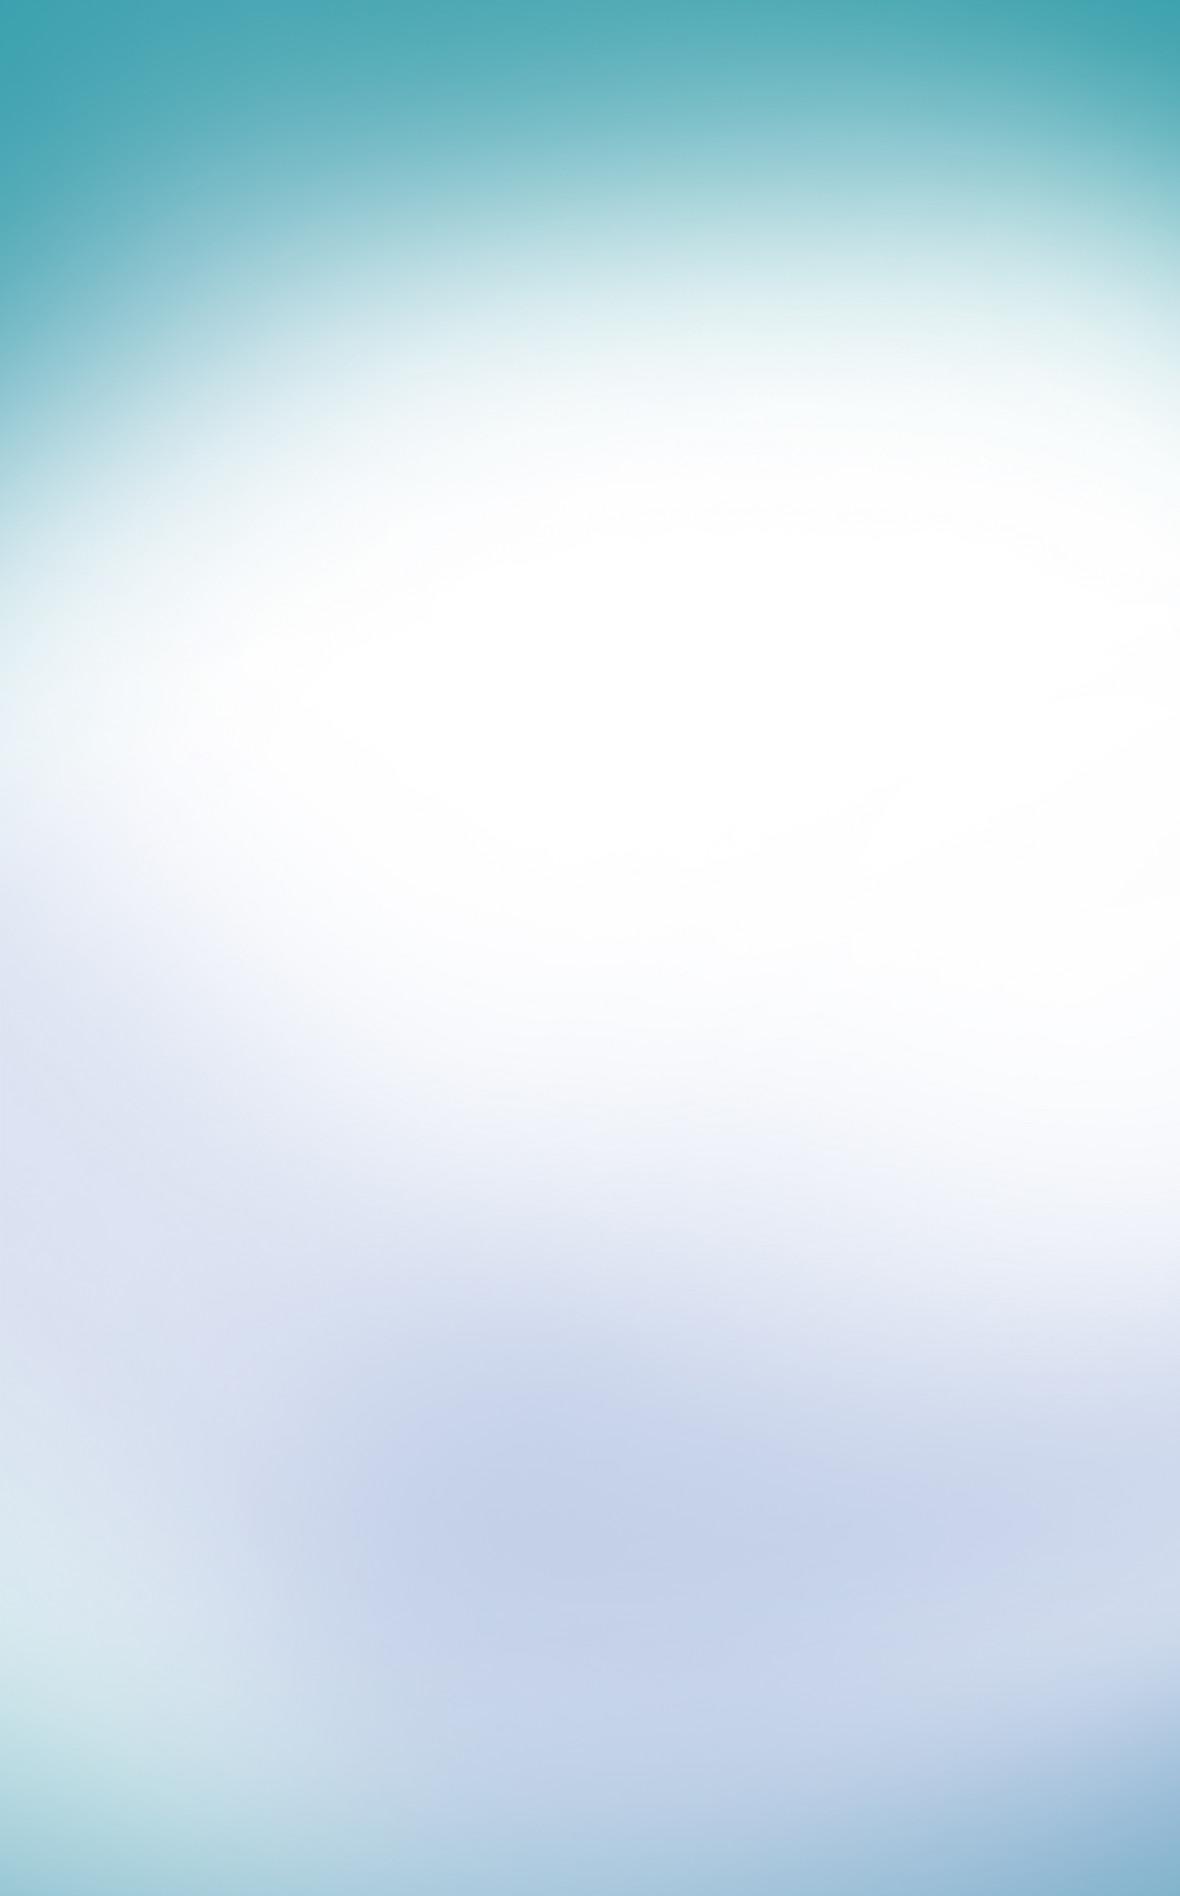 梦幻纯色蓝白色背景素材